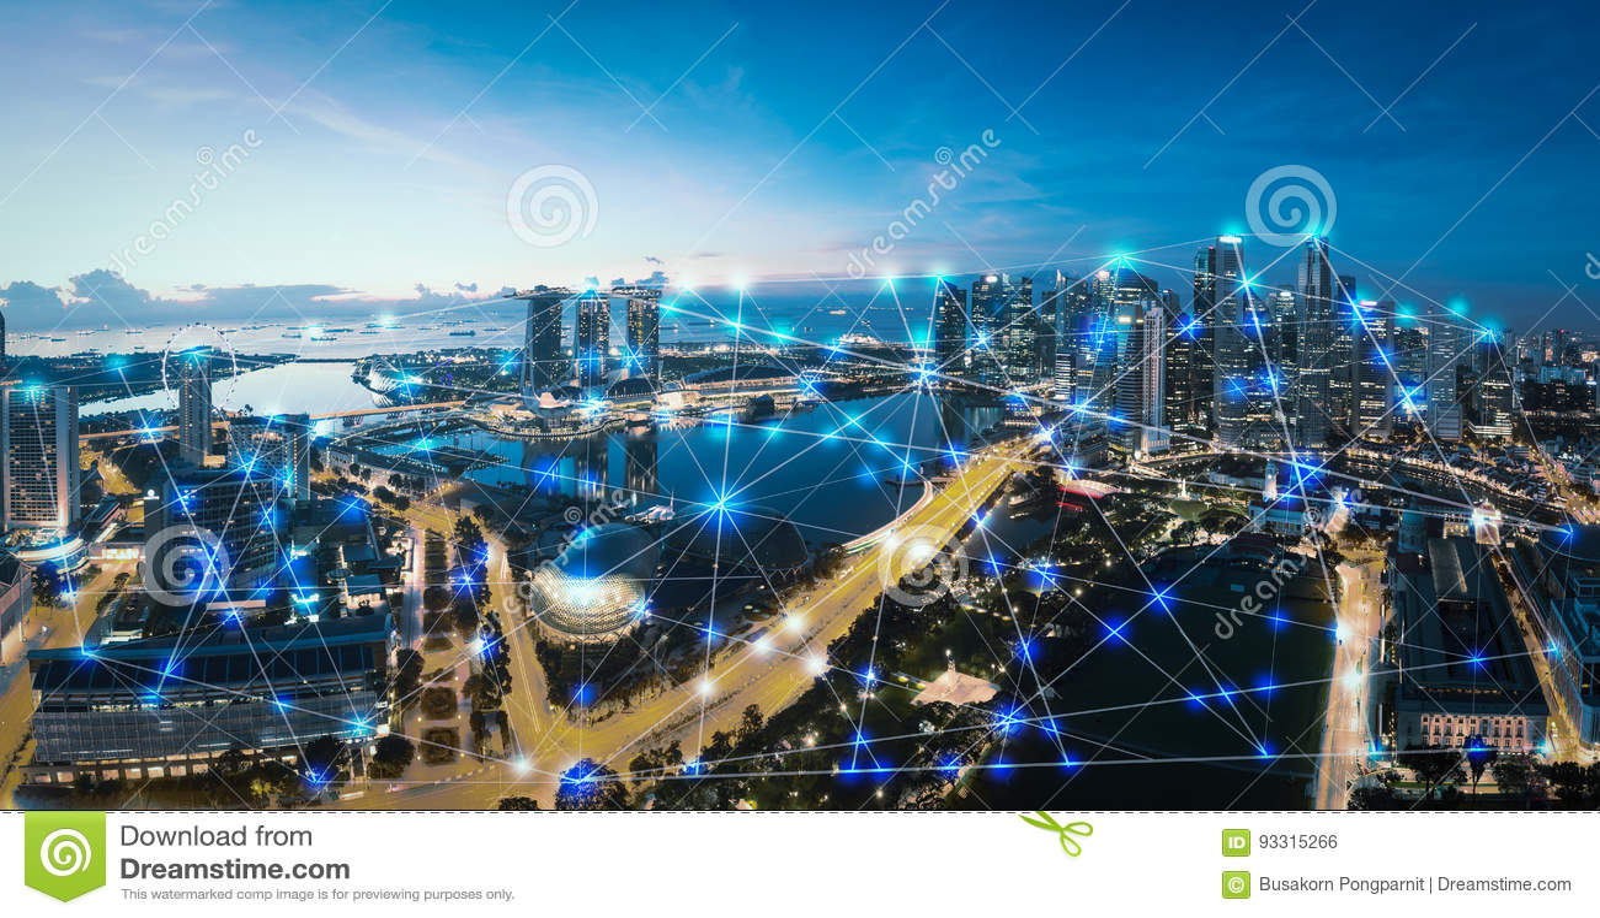 Mądrze internet rzeczy i, bezprzewodowa sieć komunikacyjna